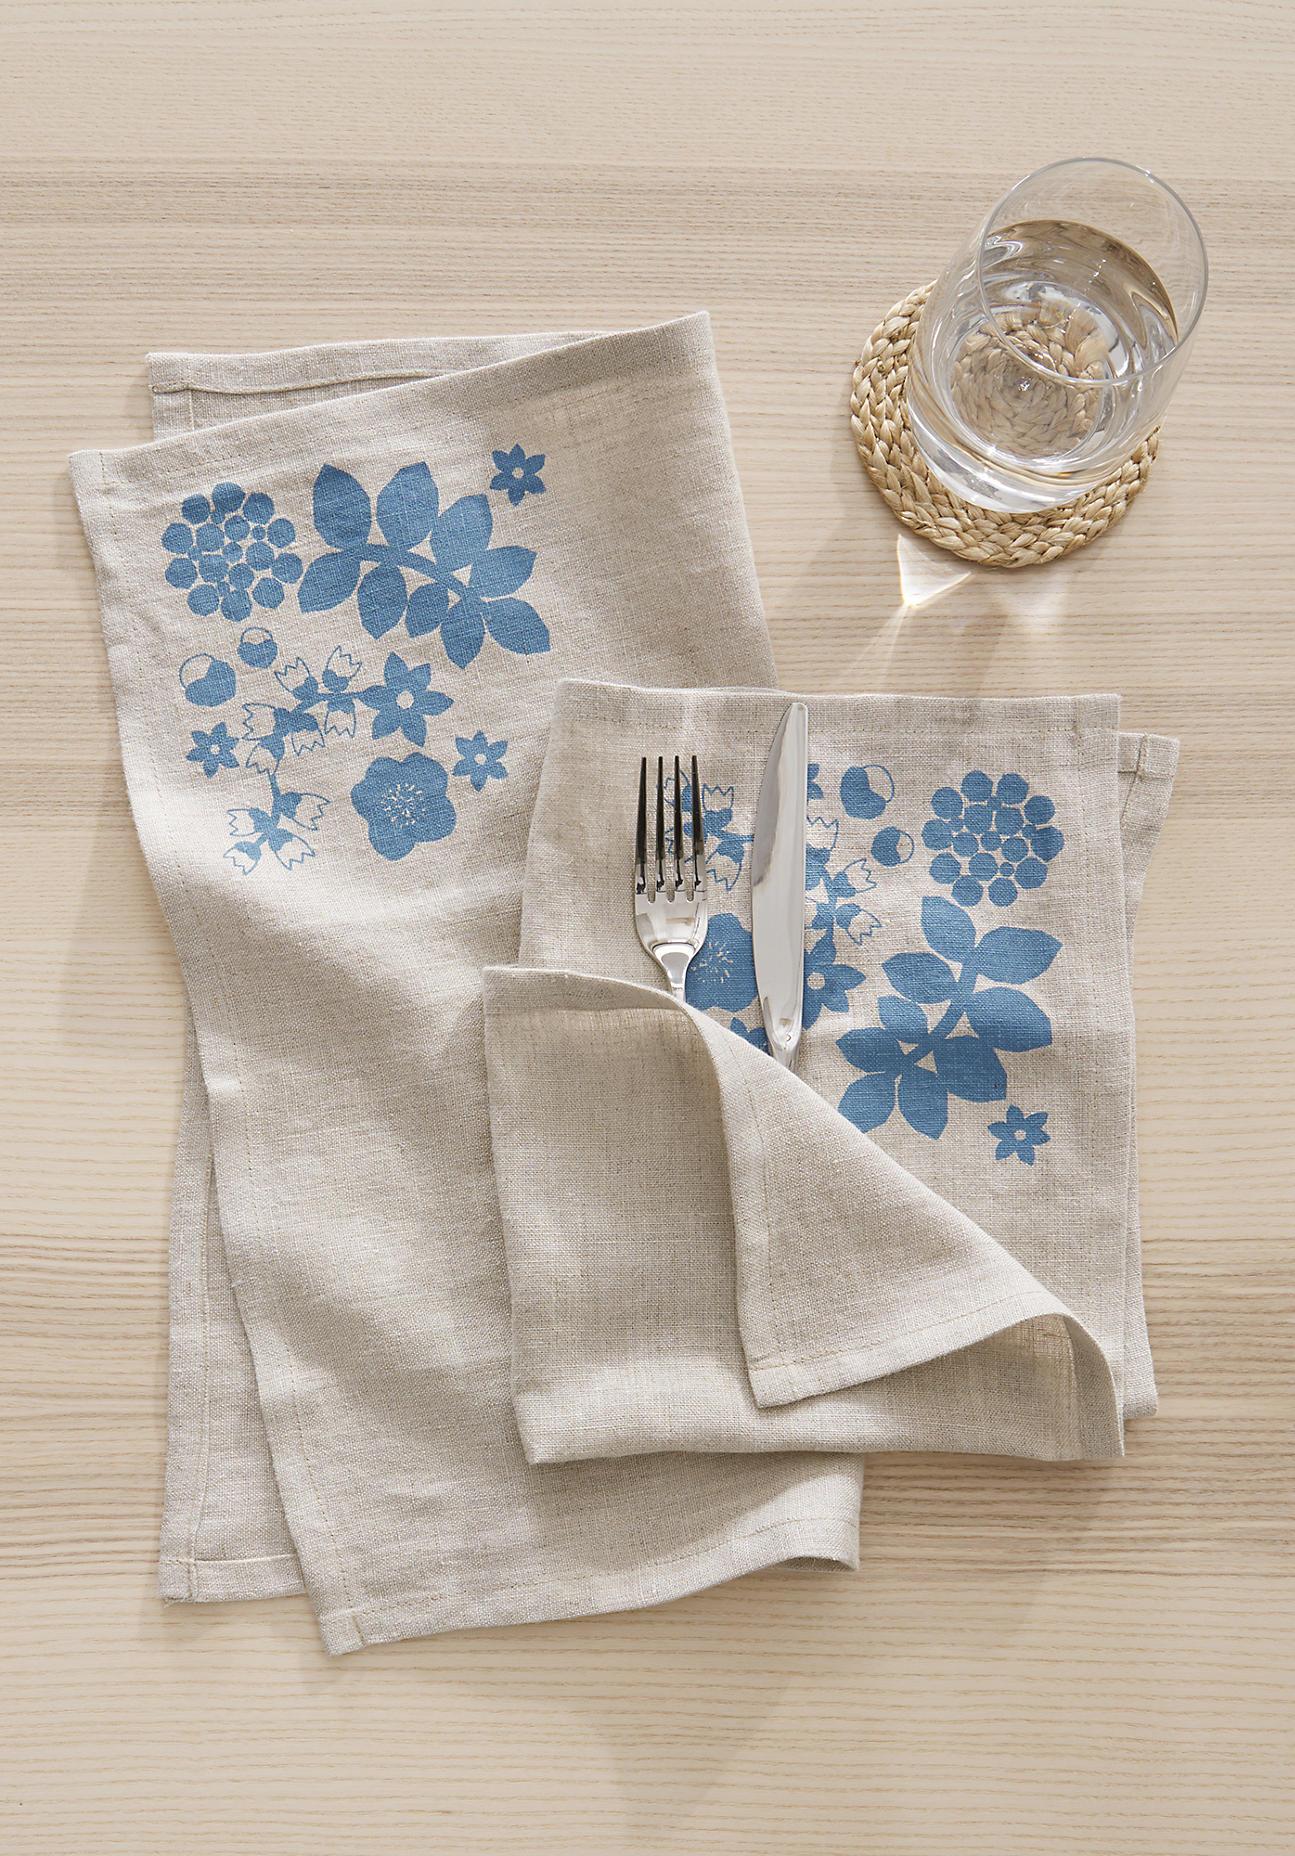 hessnatur Serviette Leila im 2er-Set aus Leinen – blau – Größe 40x40 cm